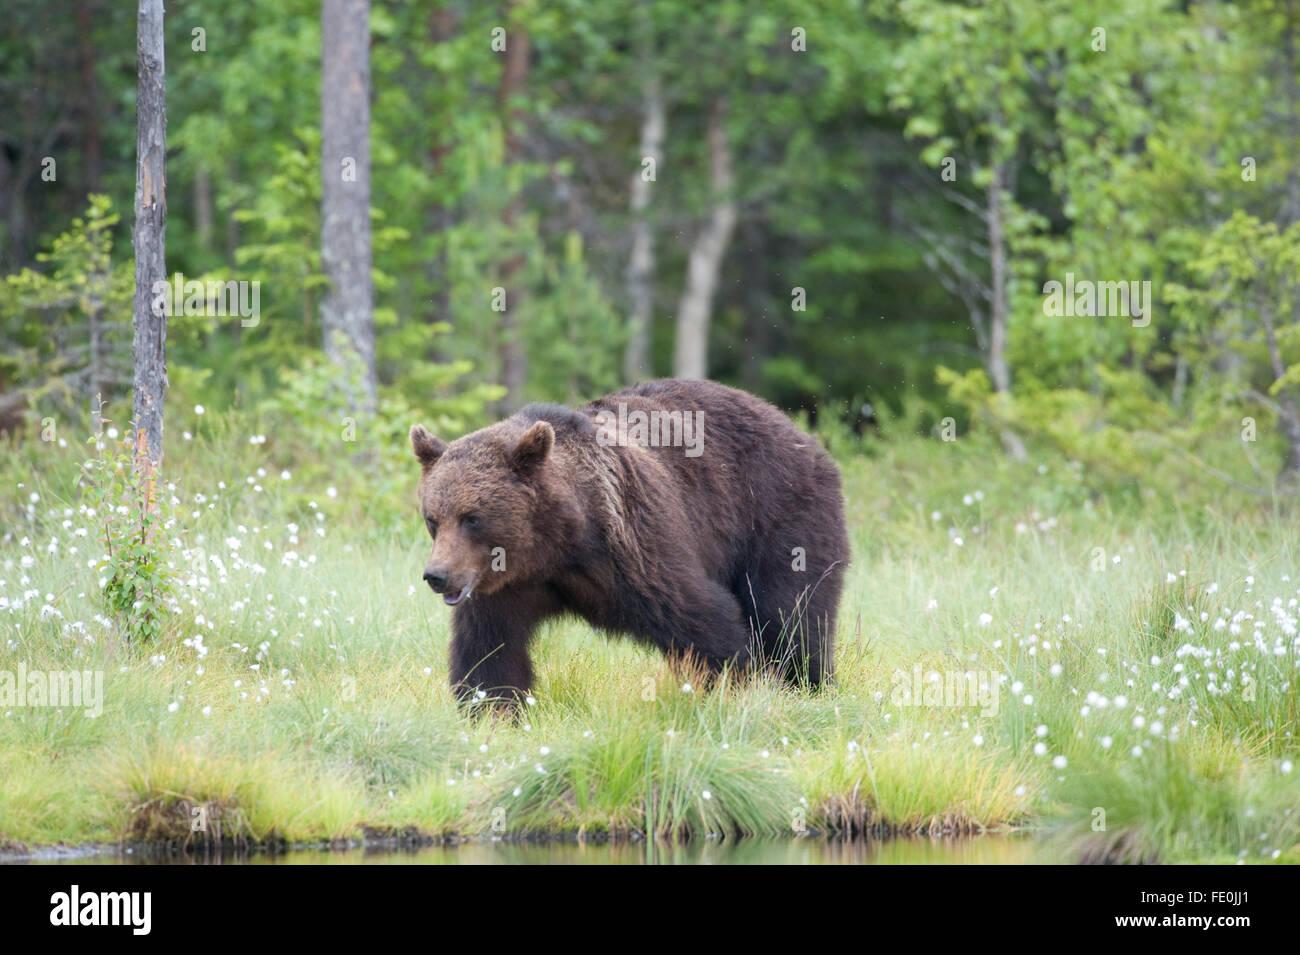 Europäischer Braunbär Ursus Arctos Arctos, Finnland Stockfoto